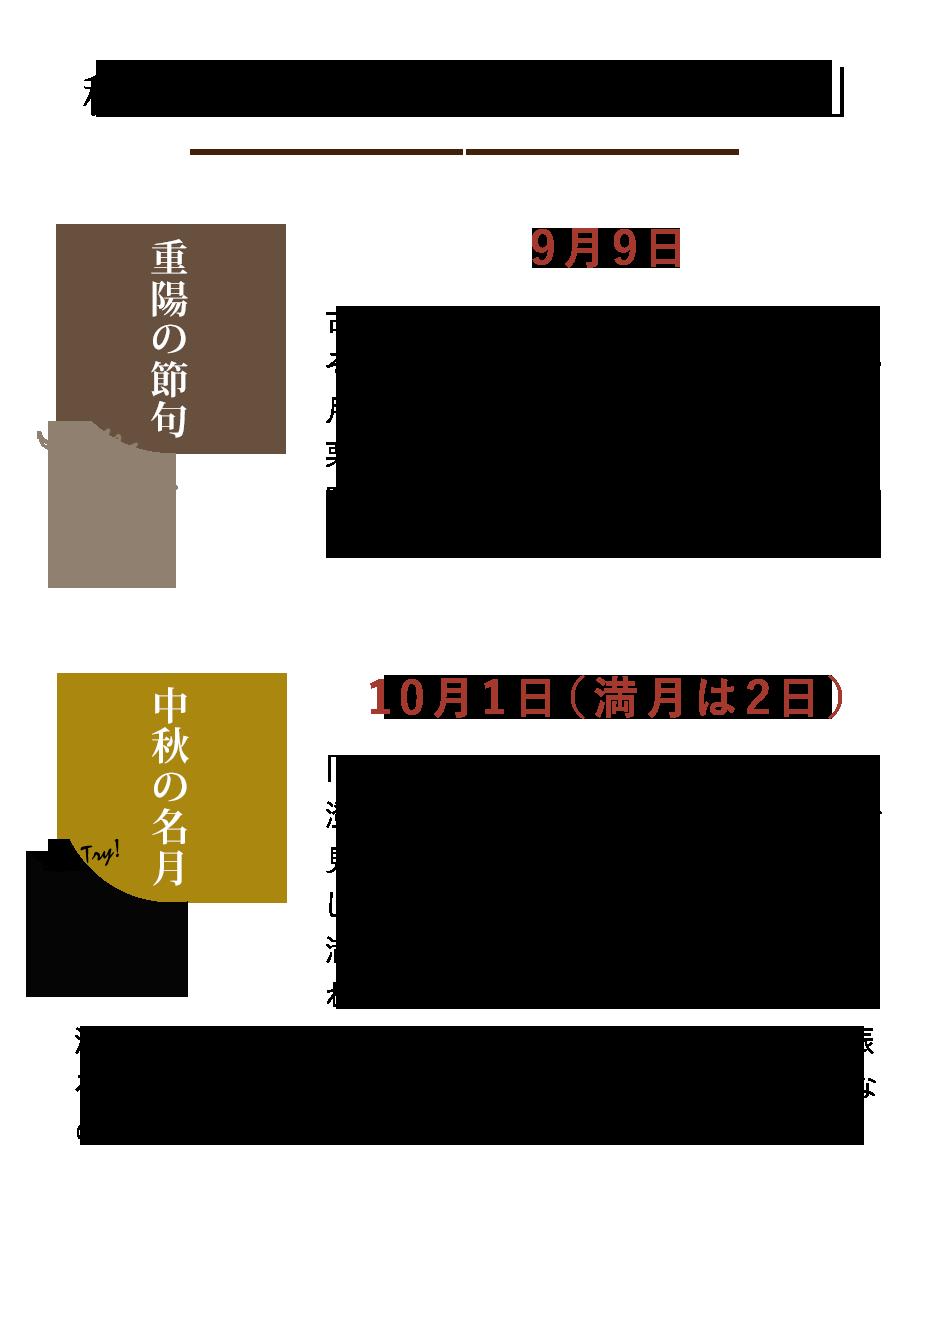 季節の吉日「重陽の節句」「中秋の名月」の紹介